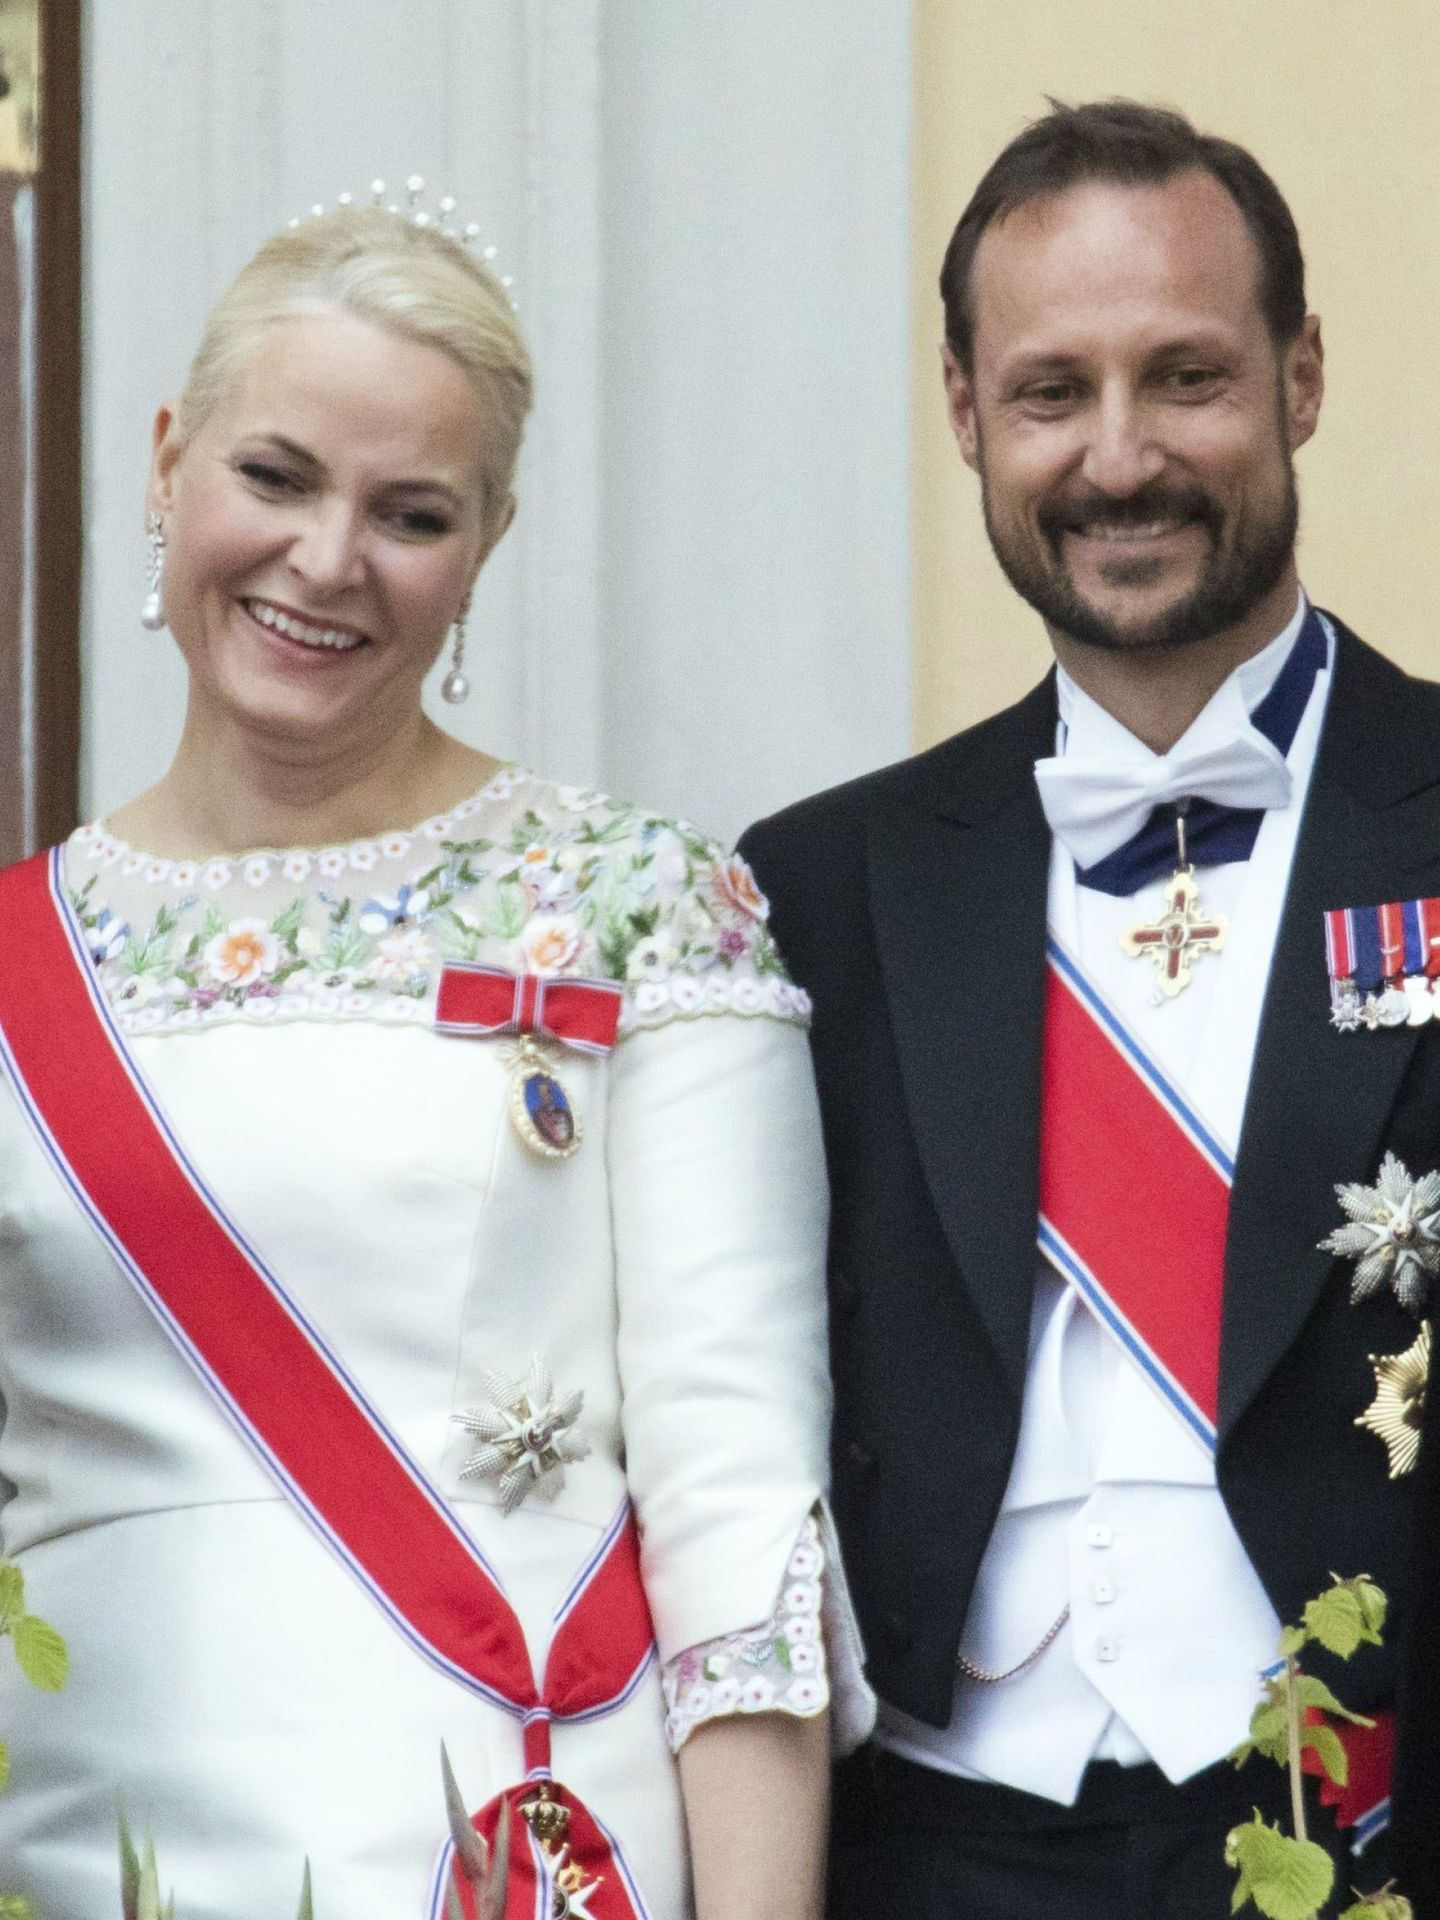 El príncipe heredero de Noruega, Haakon, y su esposa, la princesa Mette Marit. (EFE)